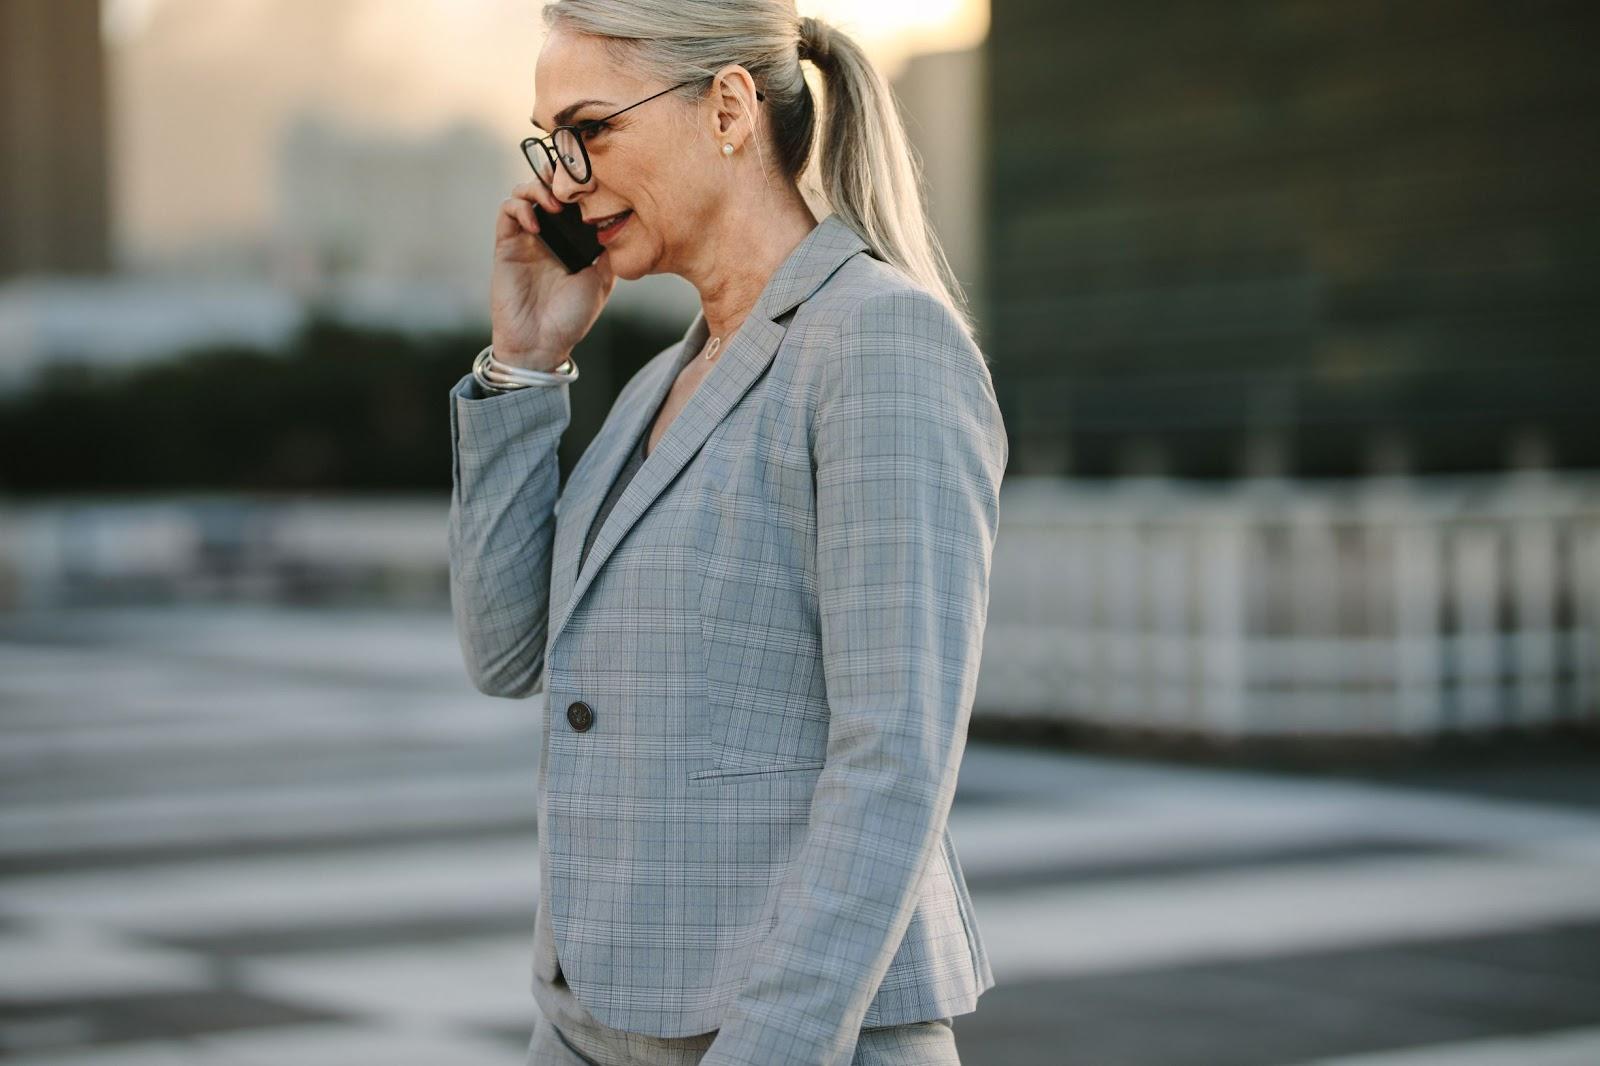 Foto de uma mulher de meia idade, vestida com roupas formais de trabalho, falando em seu celular, ilustrando a resolução de problemas por meio do teletrabalho e do remote everything